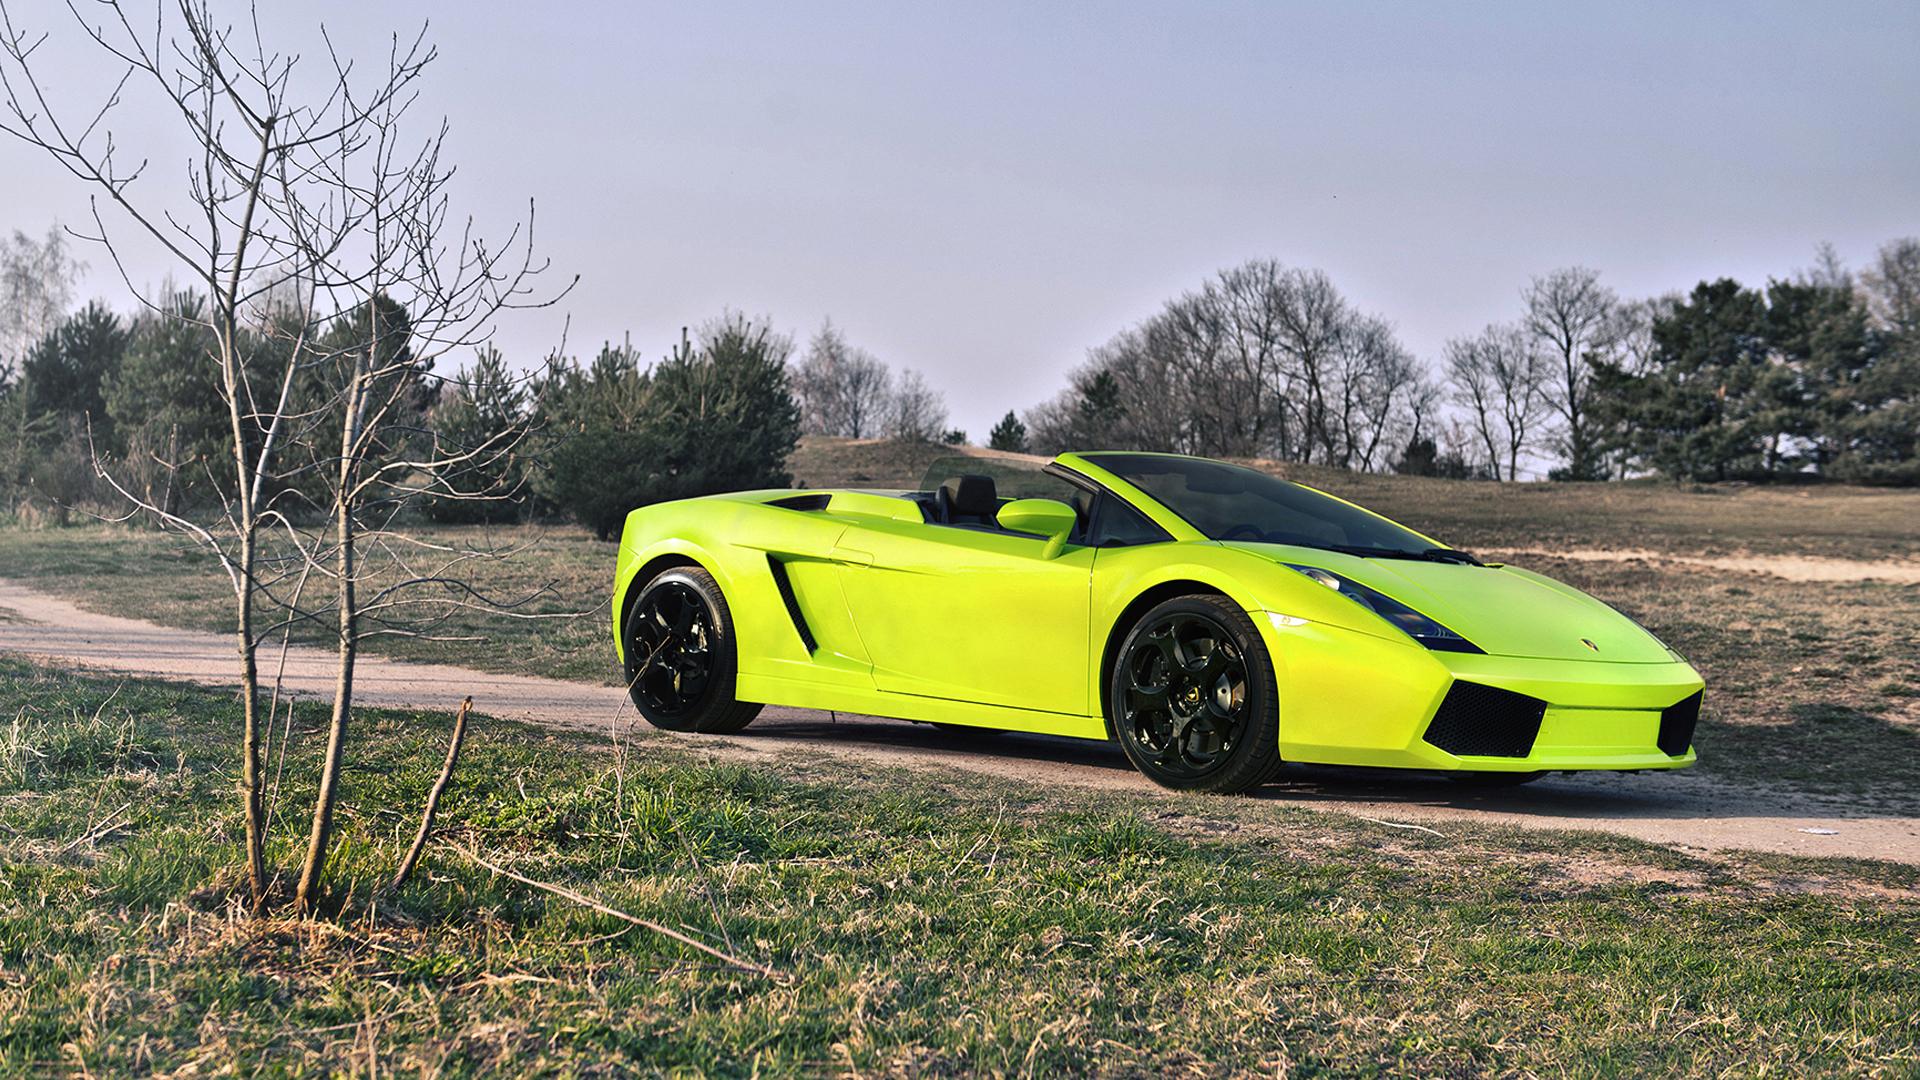 спортивный зеленый автомобиль Lamborghini  № 2996261 загрузить